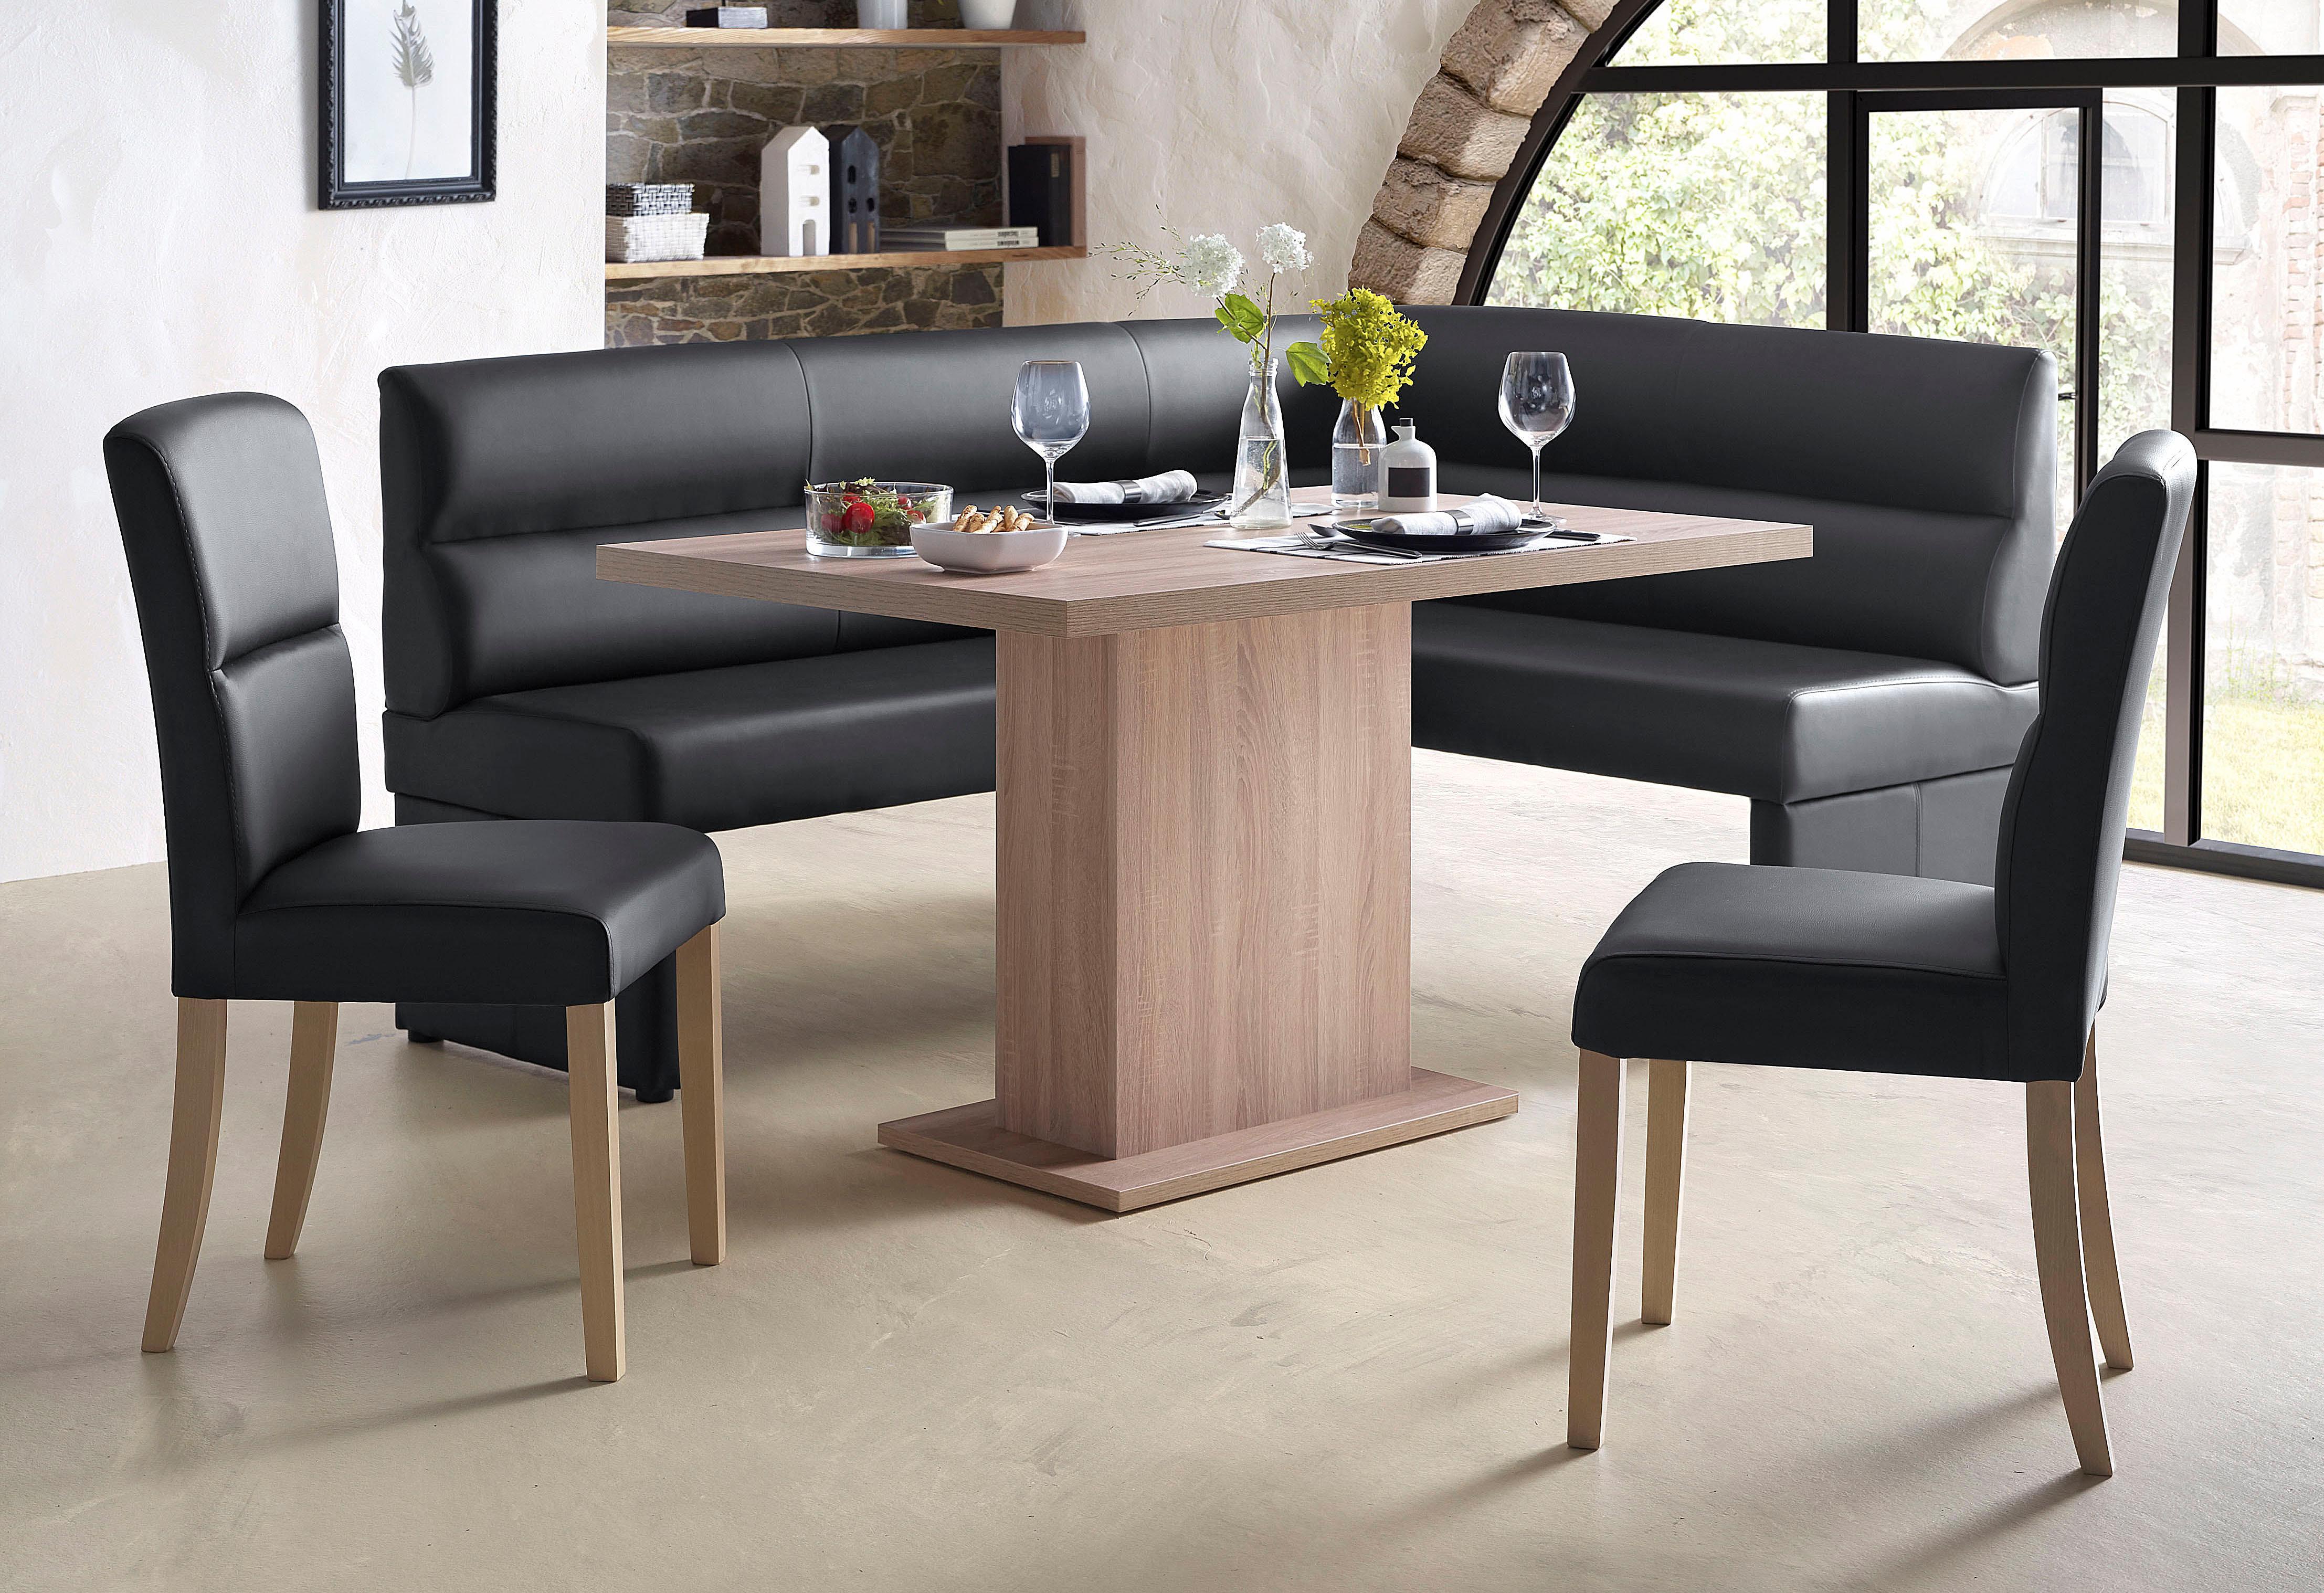 Eckbankgruppe | Küche und Esszimmer > Essgruppen > Eckbankgruppen | Braun | Massivholz - Kunstleder - Buche - Holzwerkstoff - Sonoma - Abs